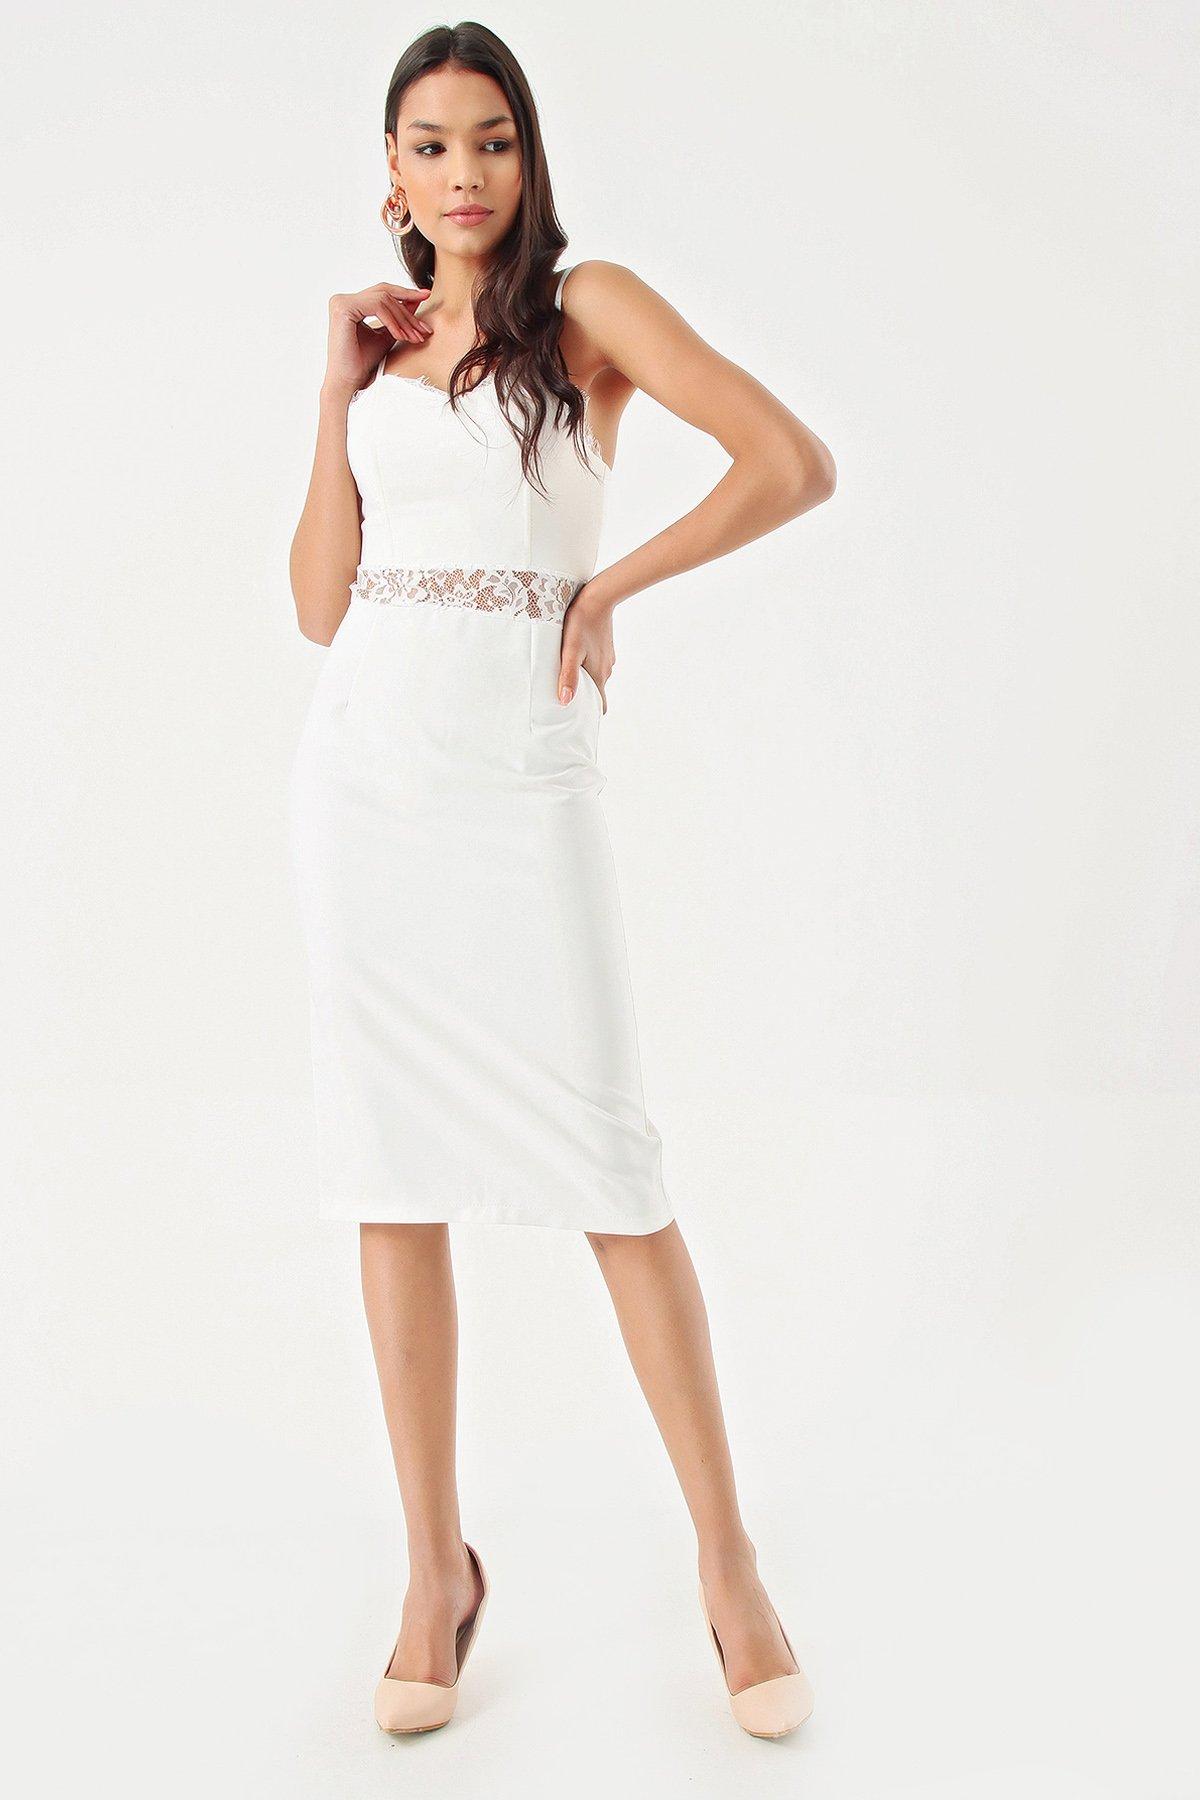 Modakapimda Beyaz Güpür Detaylı Kalem Midi Abiye Elbise